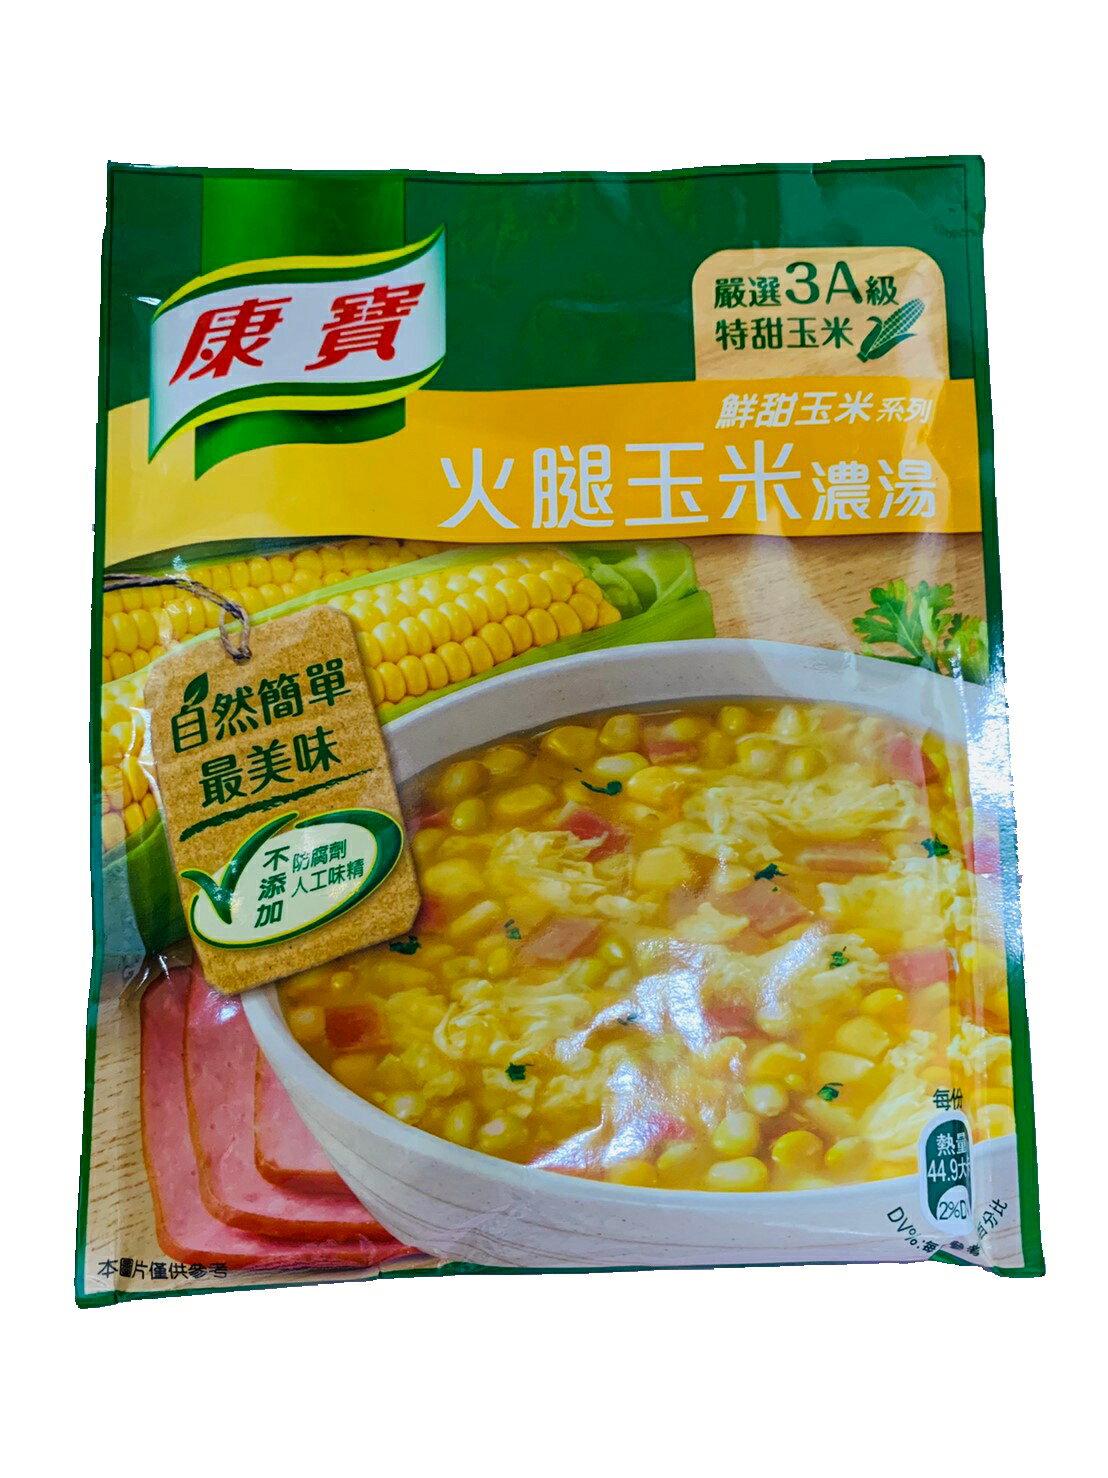 康寶濃湯火腿玉米濃湯49.7g